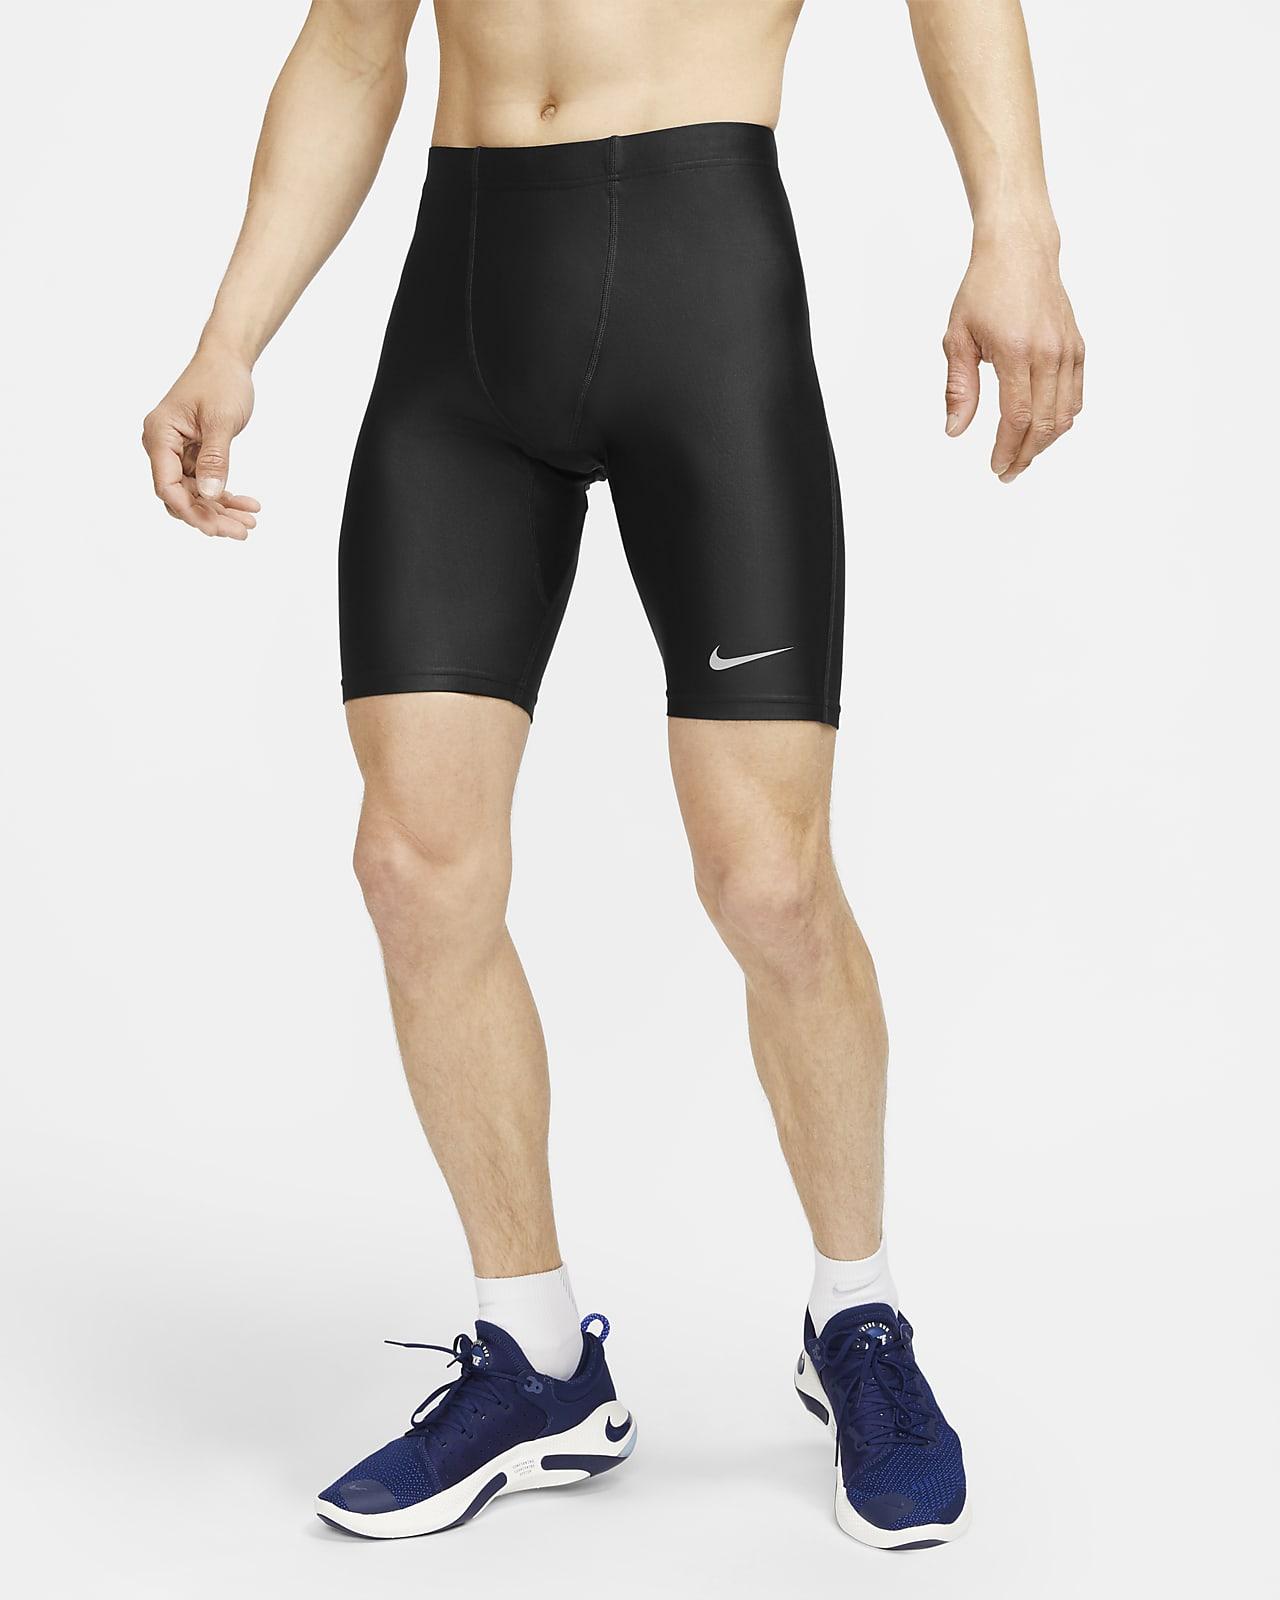 Nike Fast Men's 1/2-Length Running Shorts